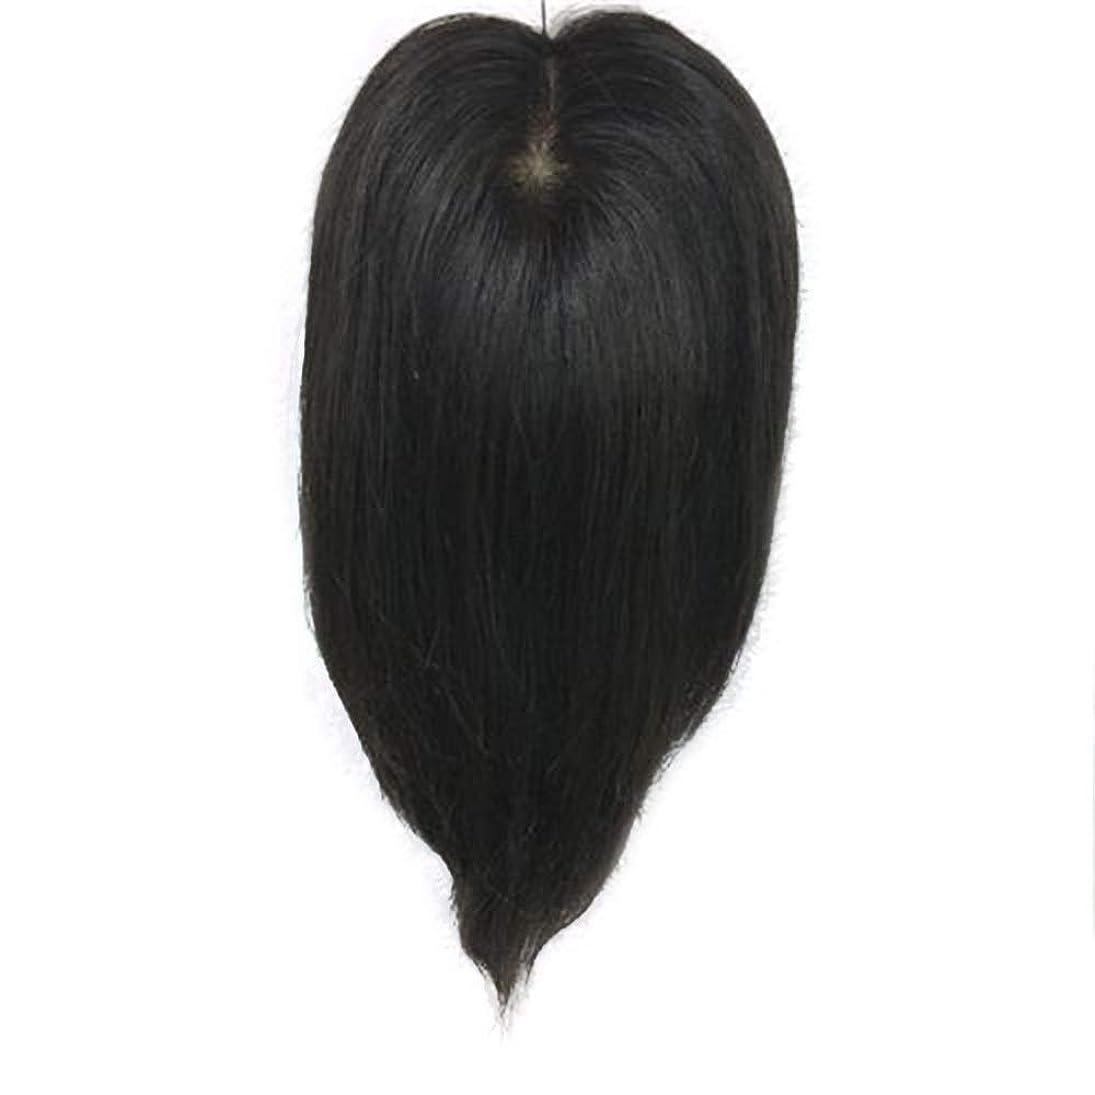 涙インテリア思春期Yrattary 女性の手織りニットウィッグロングストレートヘアクリップリアルヘアエクステンションカバー白髪ロールプレイングウィッグキャップ (色 : Natural black, サイズ : 25cm)